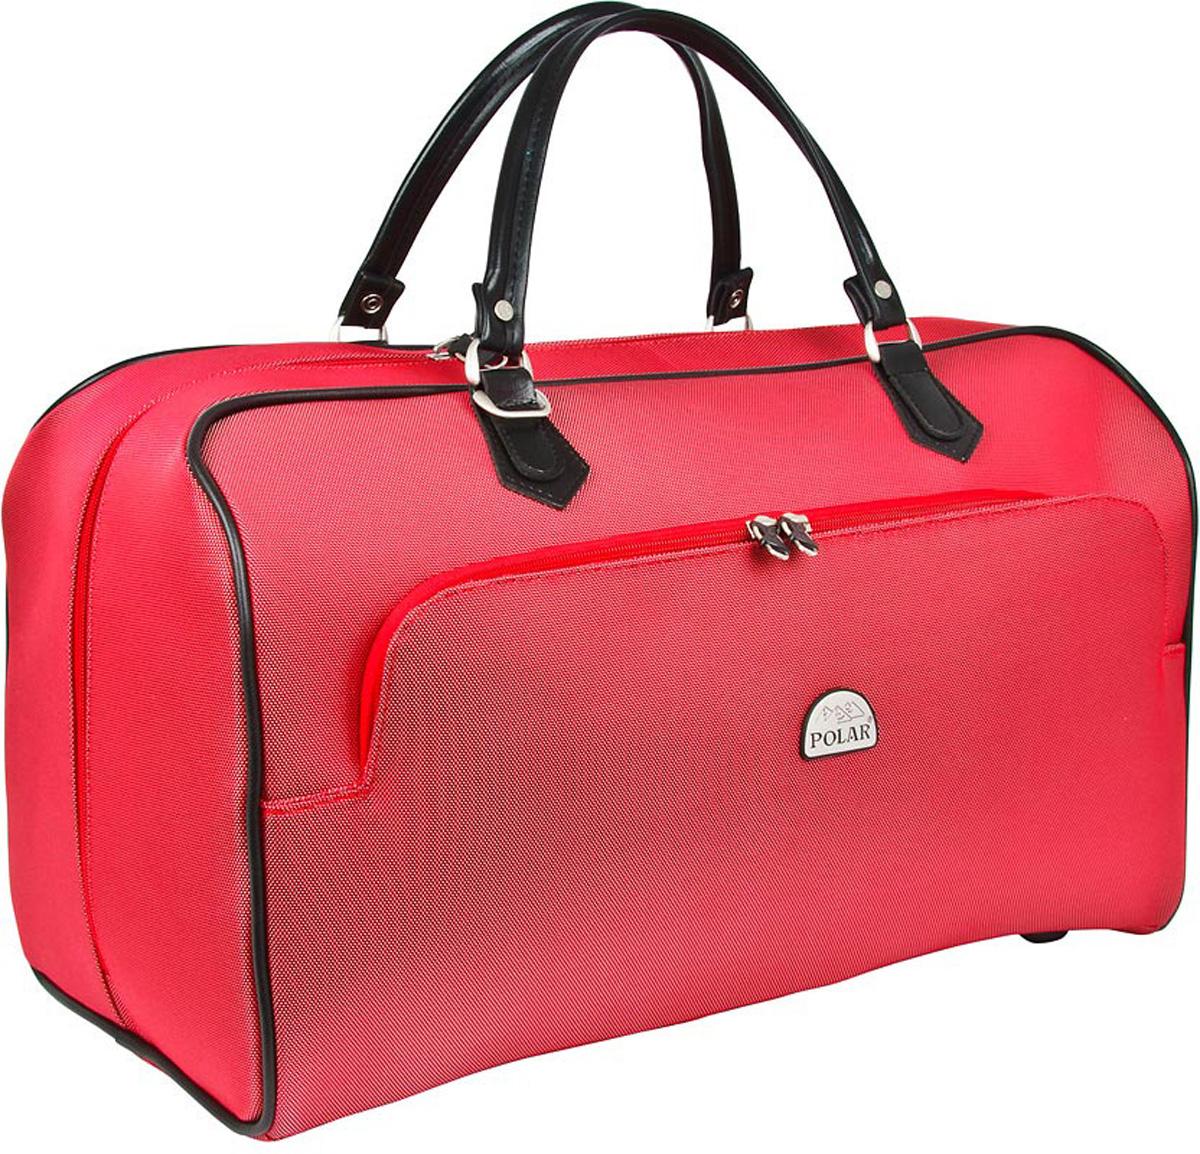 Сумка дорожная Polar, цвет: красный, 47 л. 70511038731Стильная дорожная сумка Polar выполнена из кордура. Сумка имеет одно вместительное отделение, закрывающееся на двухстороннюю застежку-молнию. Стенки и дно - жесткие. Внутри - один большой карман на молнии. Снаружи - большой карман на молнии. Ручки отделаны искусственной кожей. В комплекте есть съемный, регулируемый плечевой ремень.